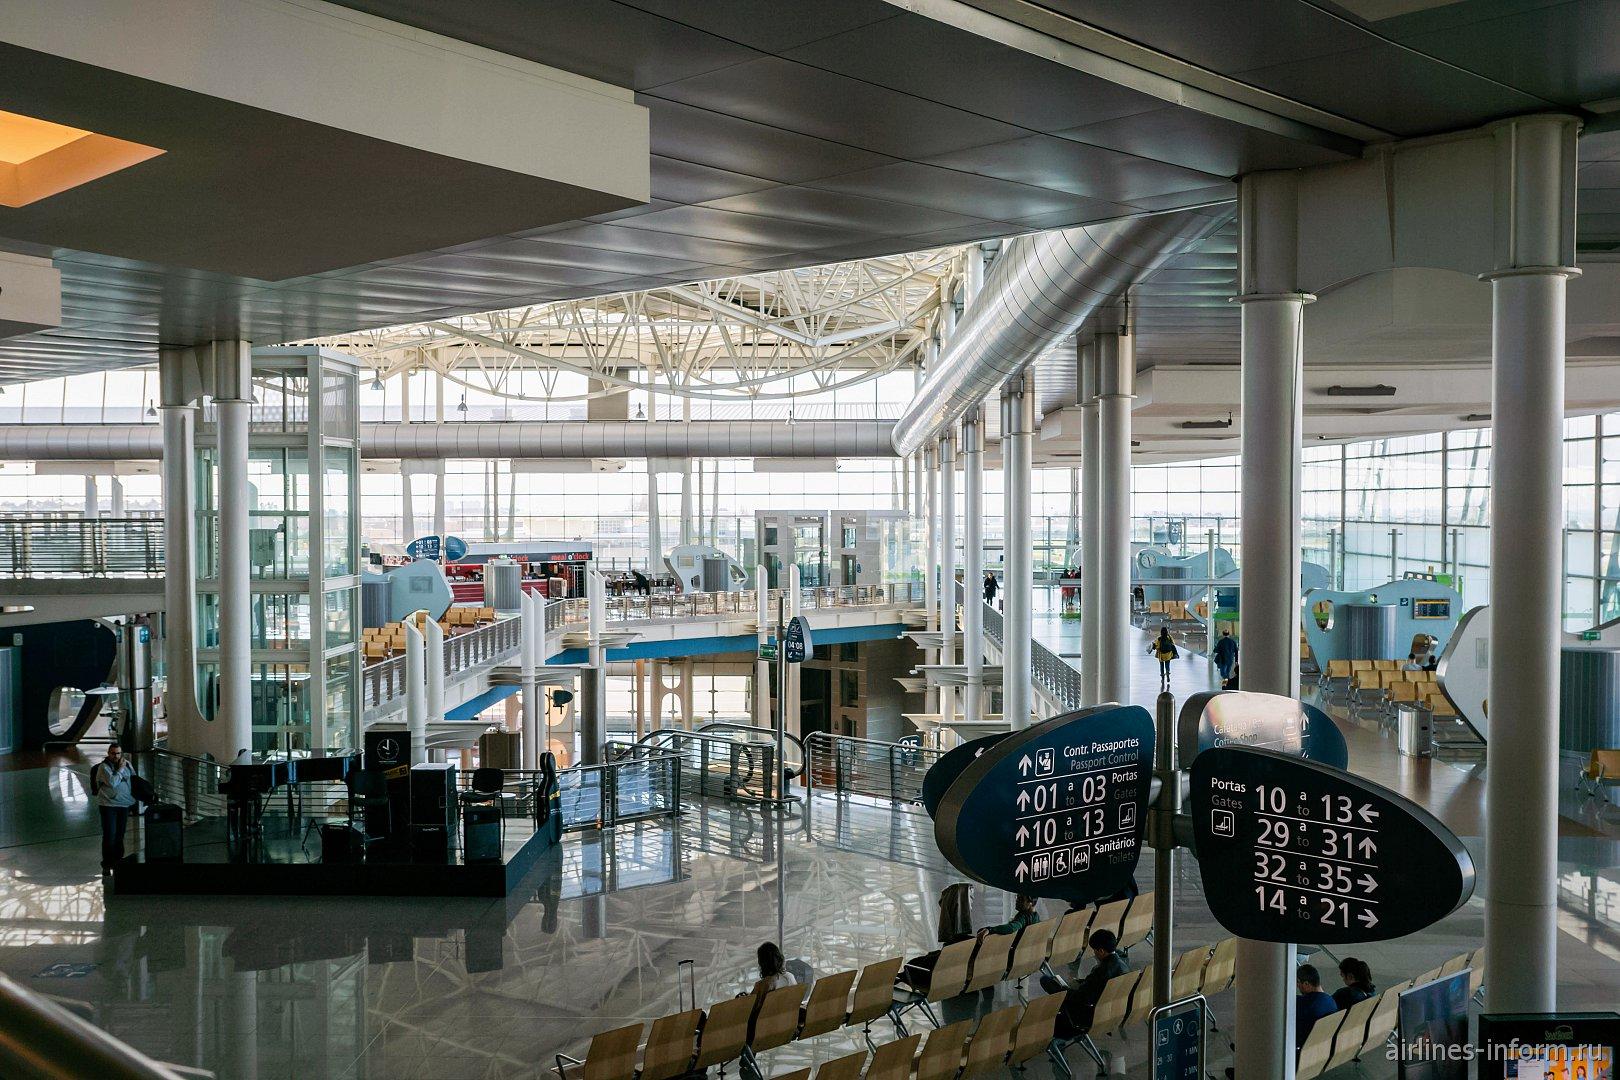 В пассажирском терминале аэропорта Порту имени Франсишку Карнейру